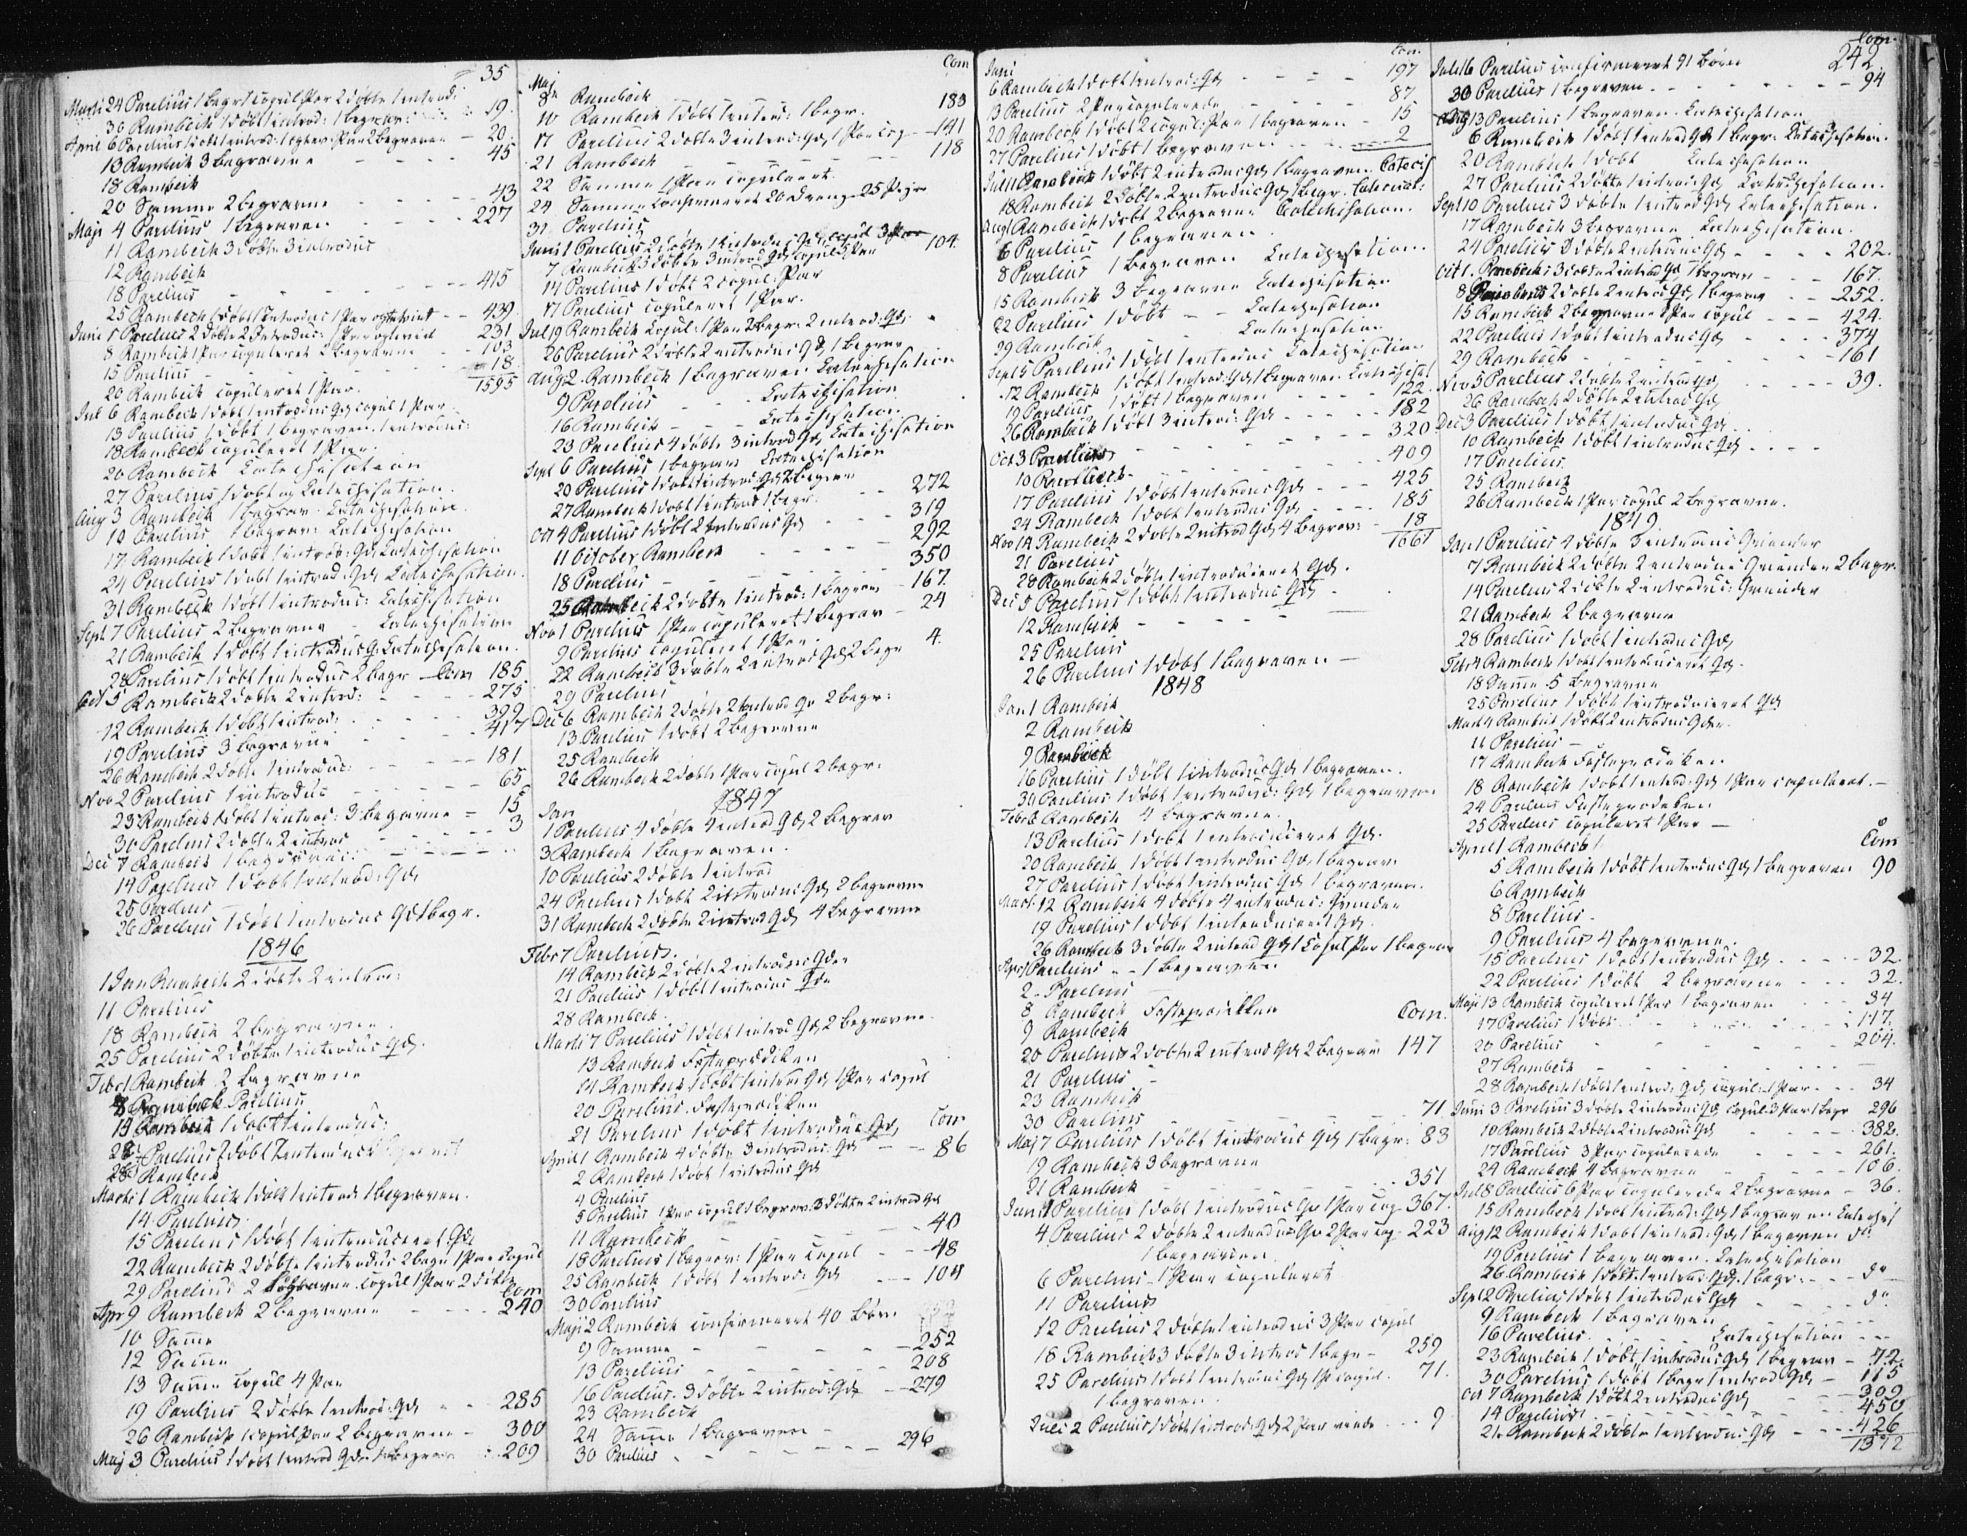 SAT, Ministerialprotokoller, klokkerbøker og fødselsregistre - Sør-Trøndelag, 674/L0869: Ministerialbok nr. 674A01, 1829-1860, s. 242